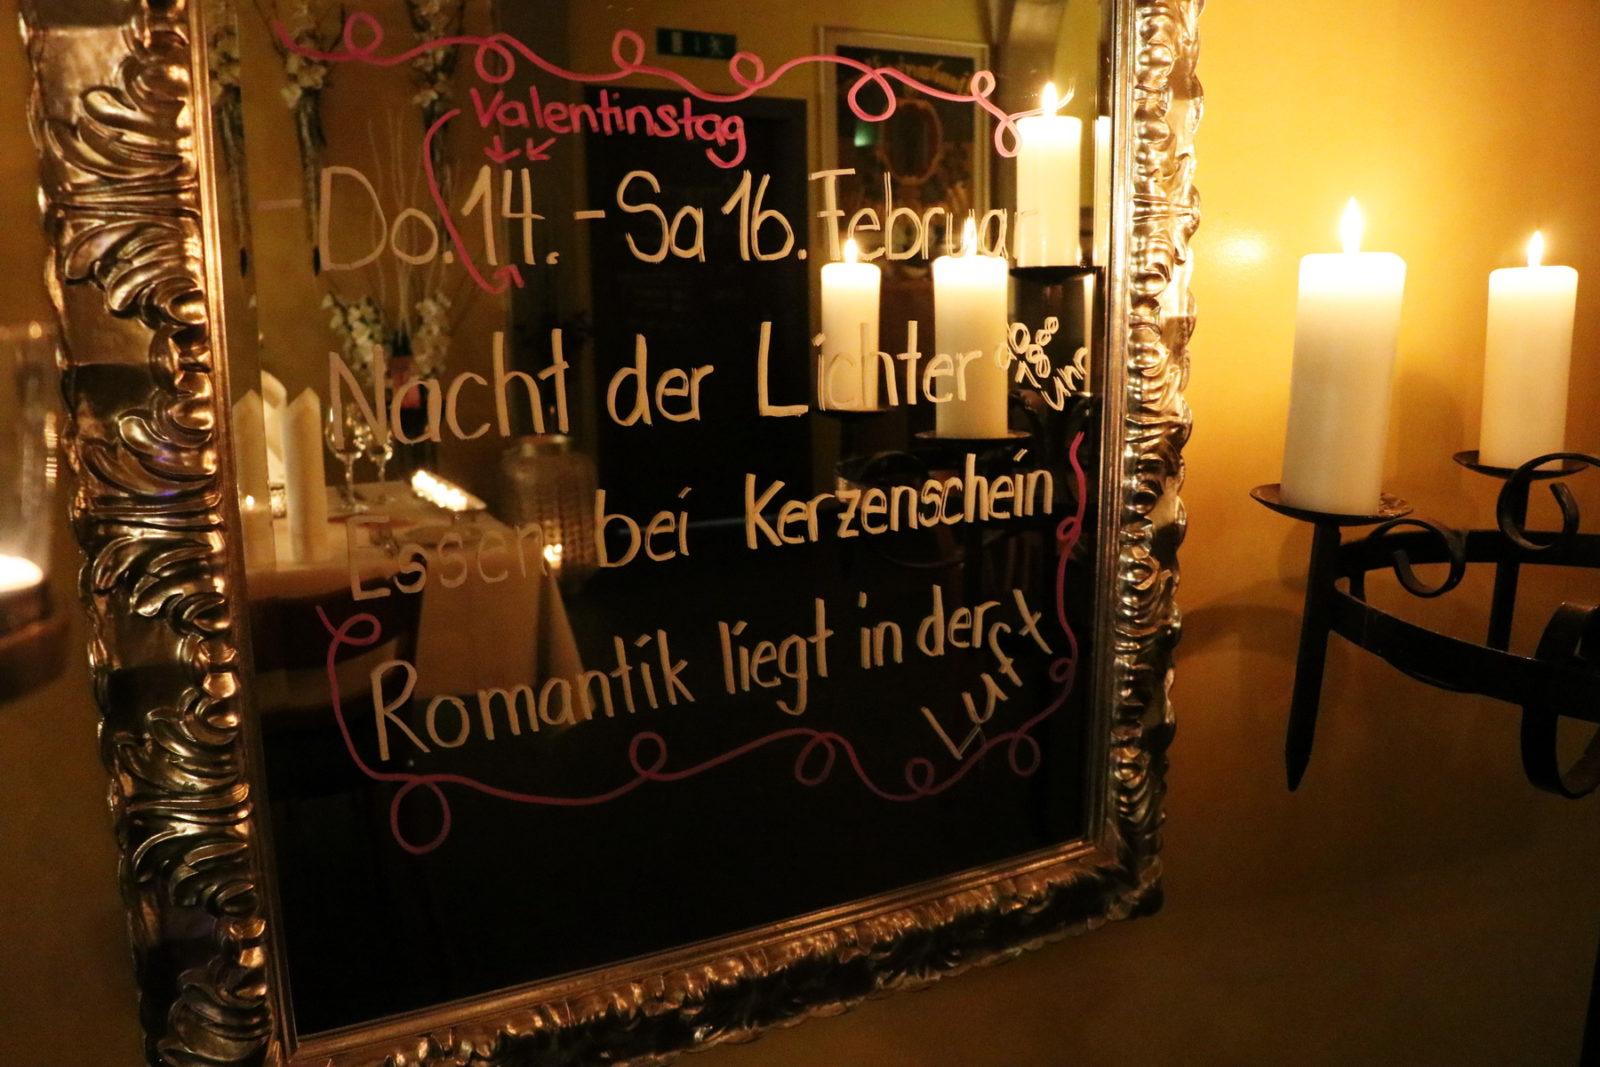 Zum Valentinstag Das Einmalige Ambiente Im Mariaberg Rorschacher Echo